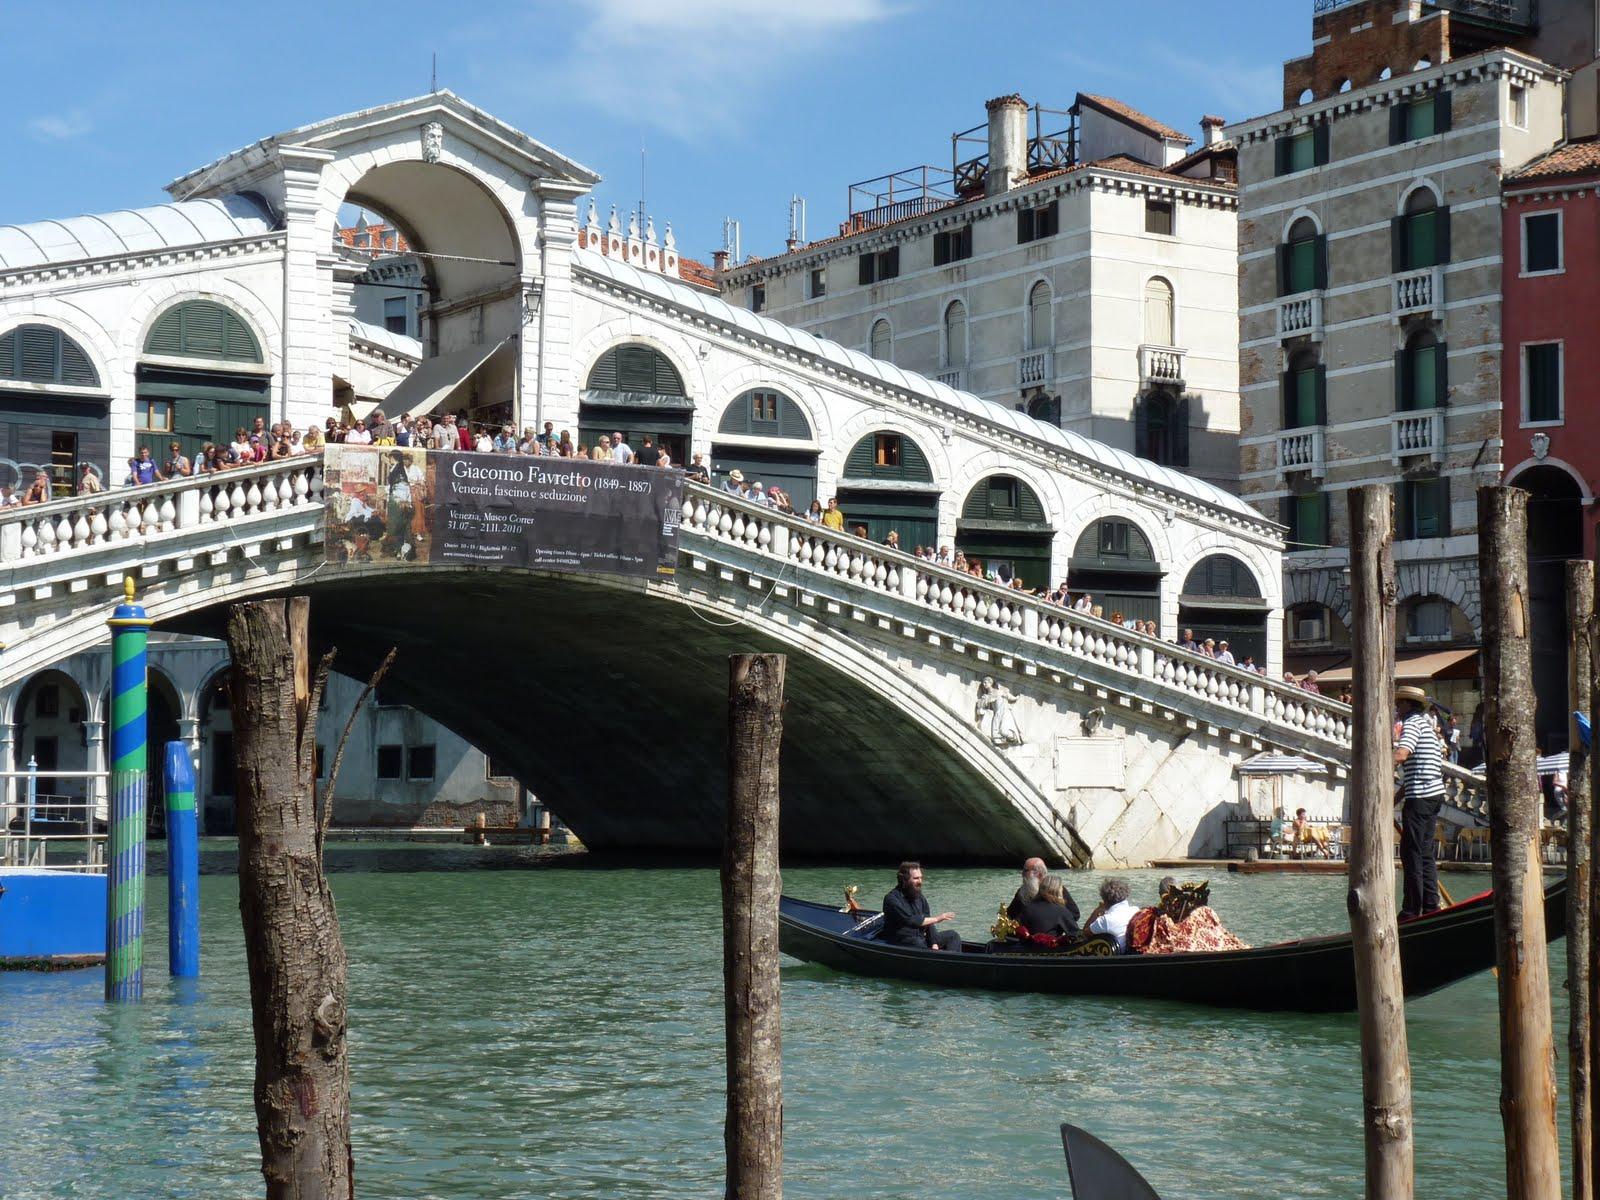 Fabieblog venise la plus belle ville du monde - La plus belle villa du monde ...